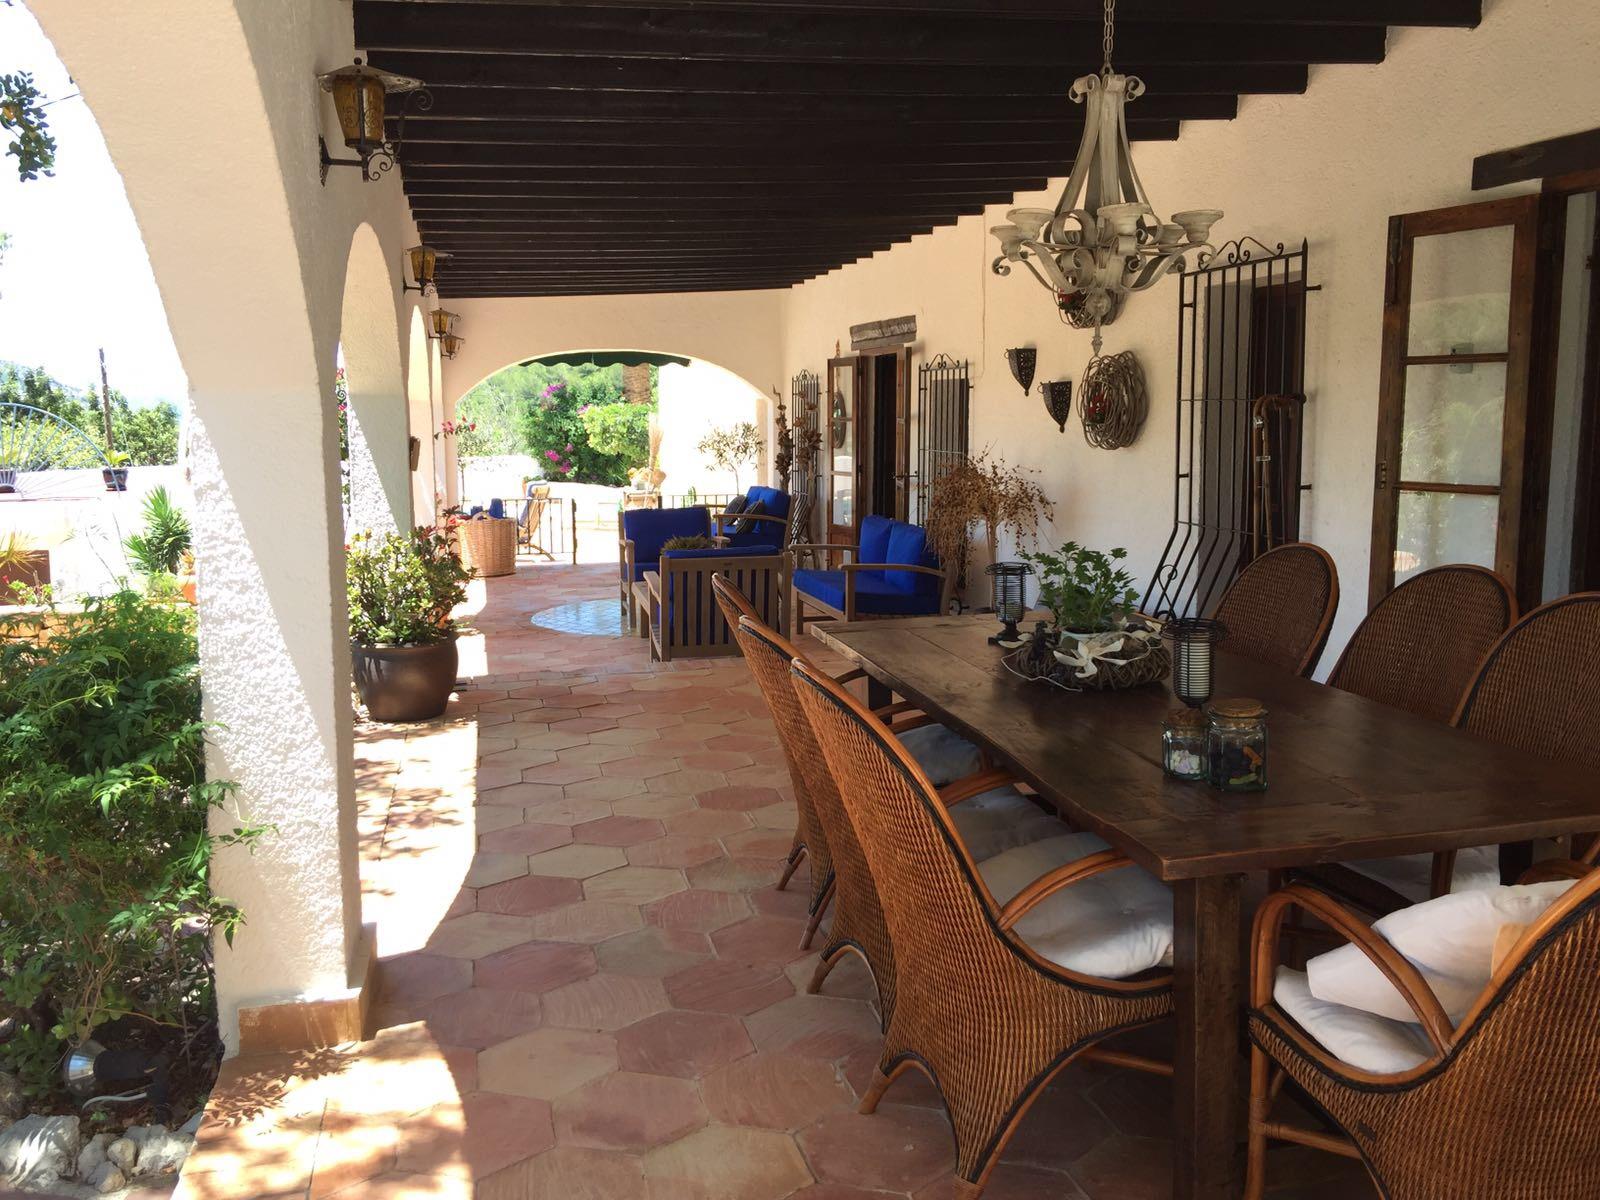 Enkele trappen geven U toegang tot de sensationele naya... - Een overdekt terras van maar liefst 70m2.Hier kunt u 's ochtends ontbijten en 's avonds genieten van de mooie zonsondergang. Ook voor overdag een zalige plek om even uit de zon met een goed boek te relaxen.